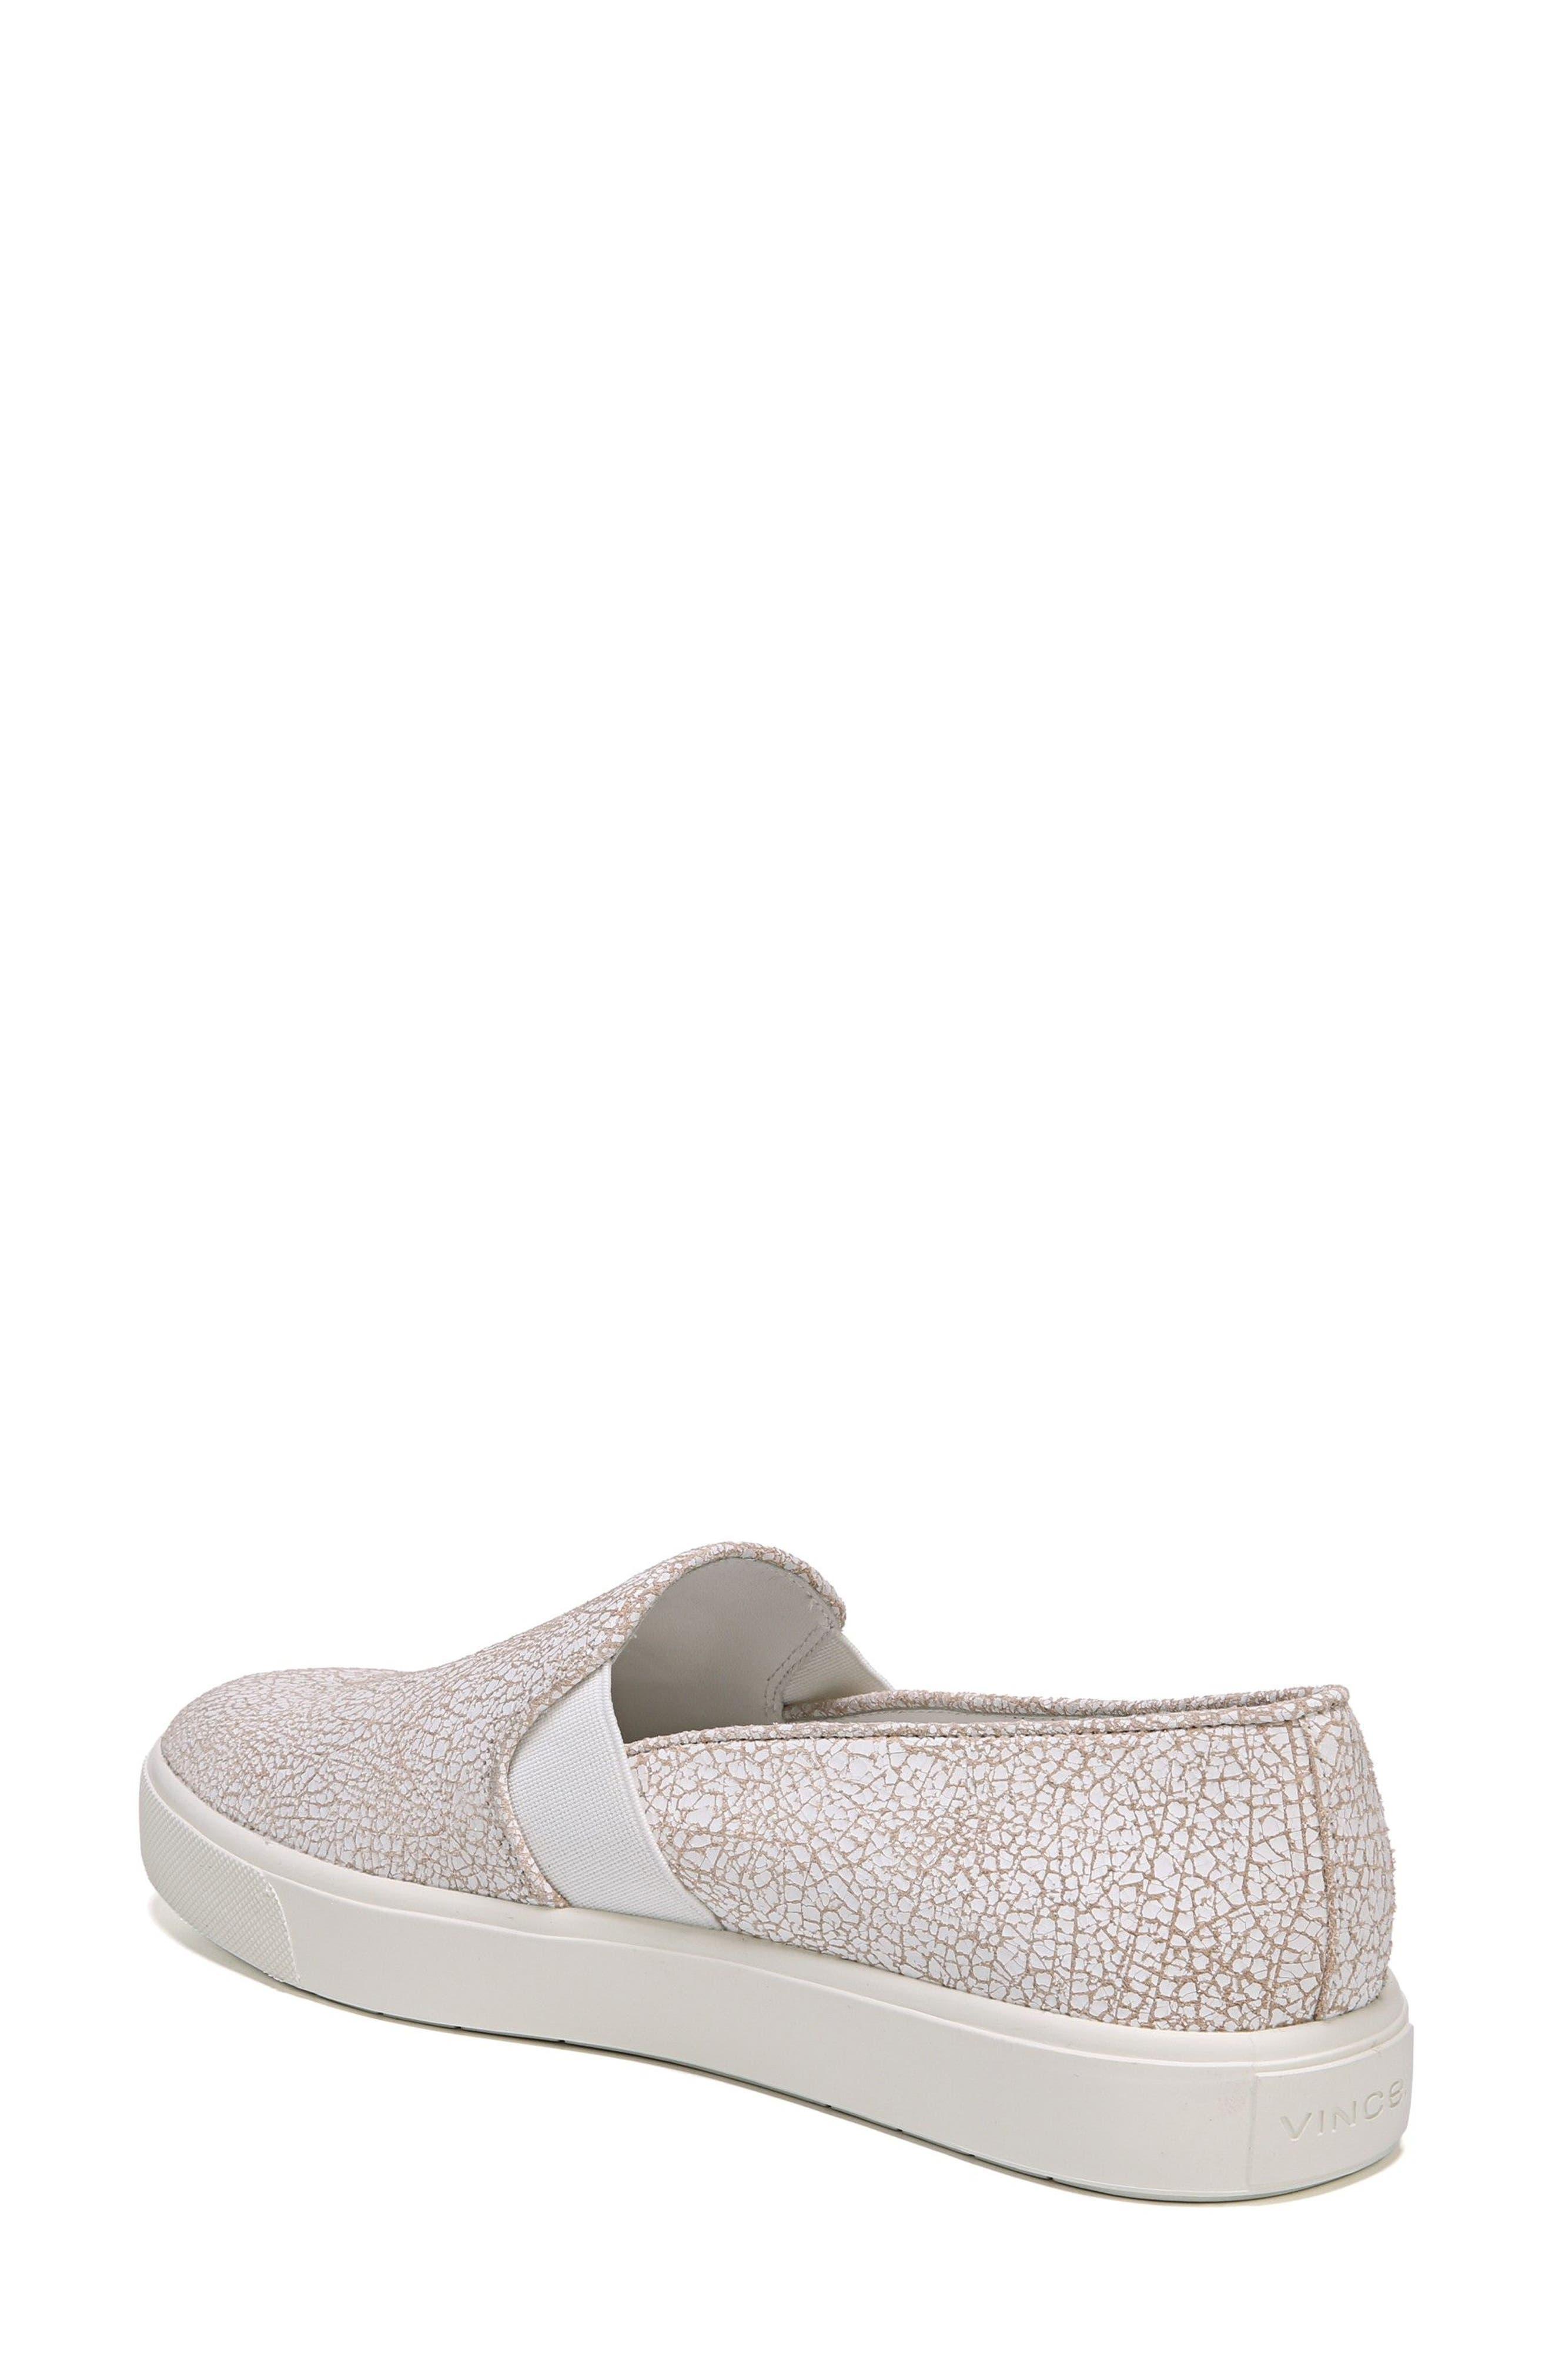 Alternate Image 2  - Vince 'Blair 12' Leather Slip-On Sneaker (Women)